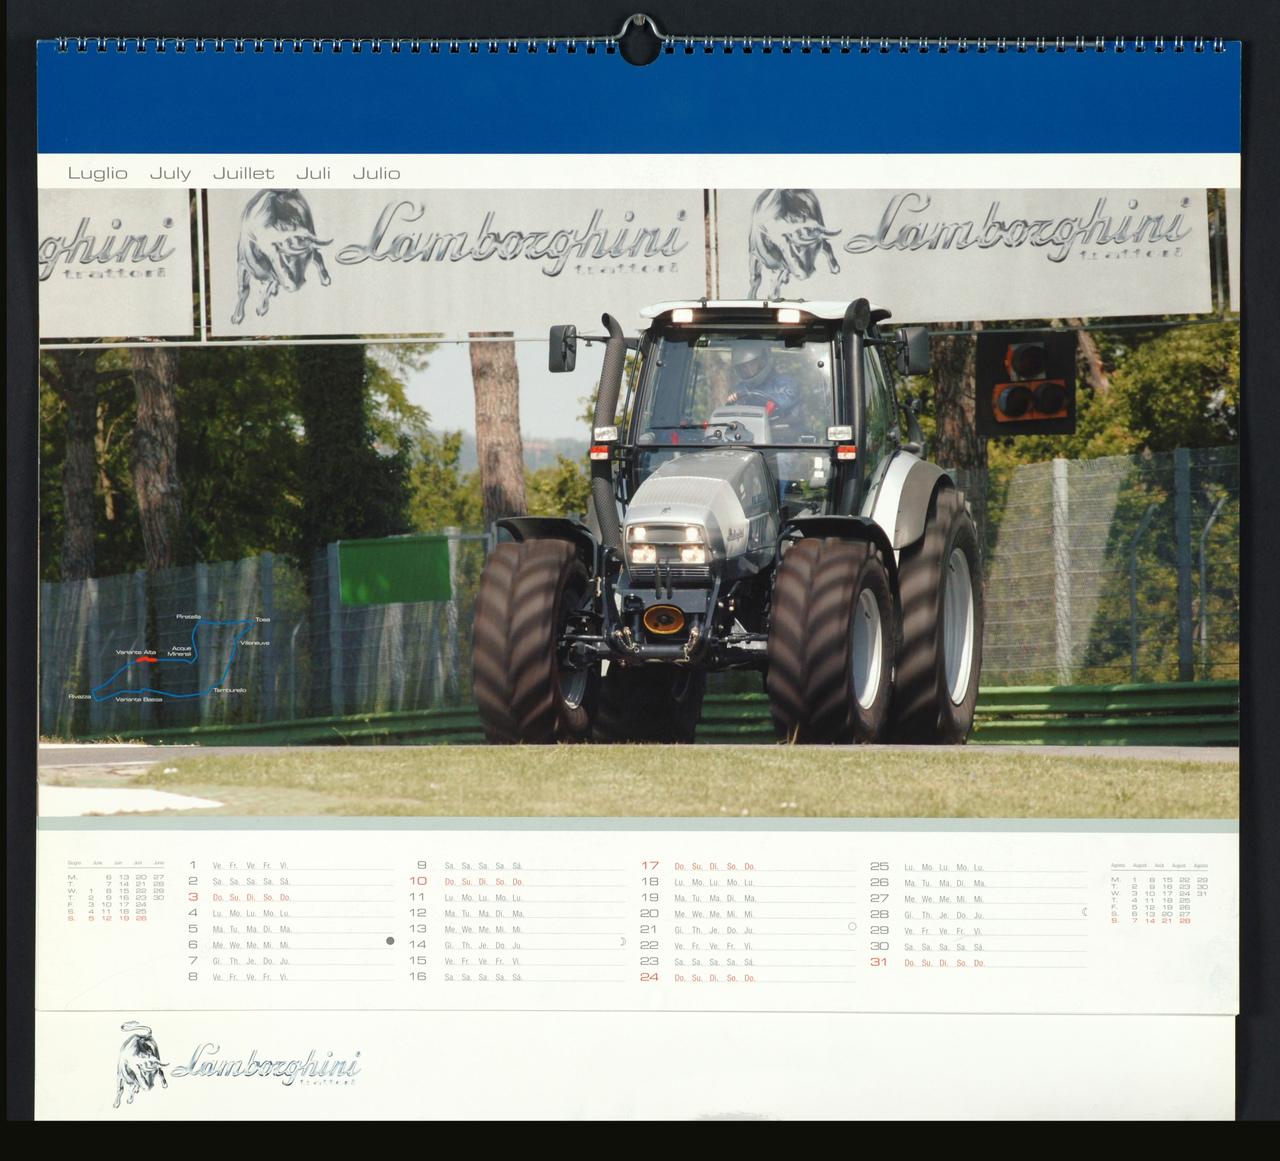 Calendario 2005